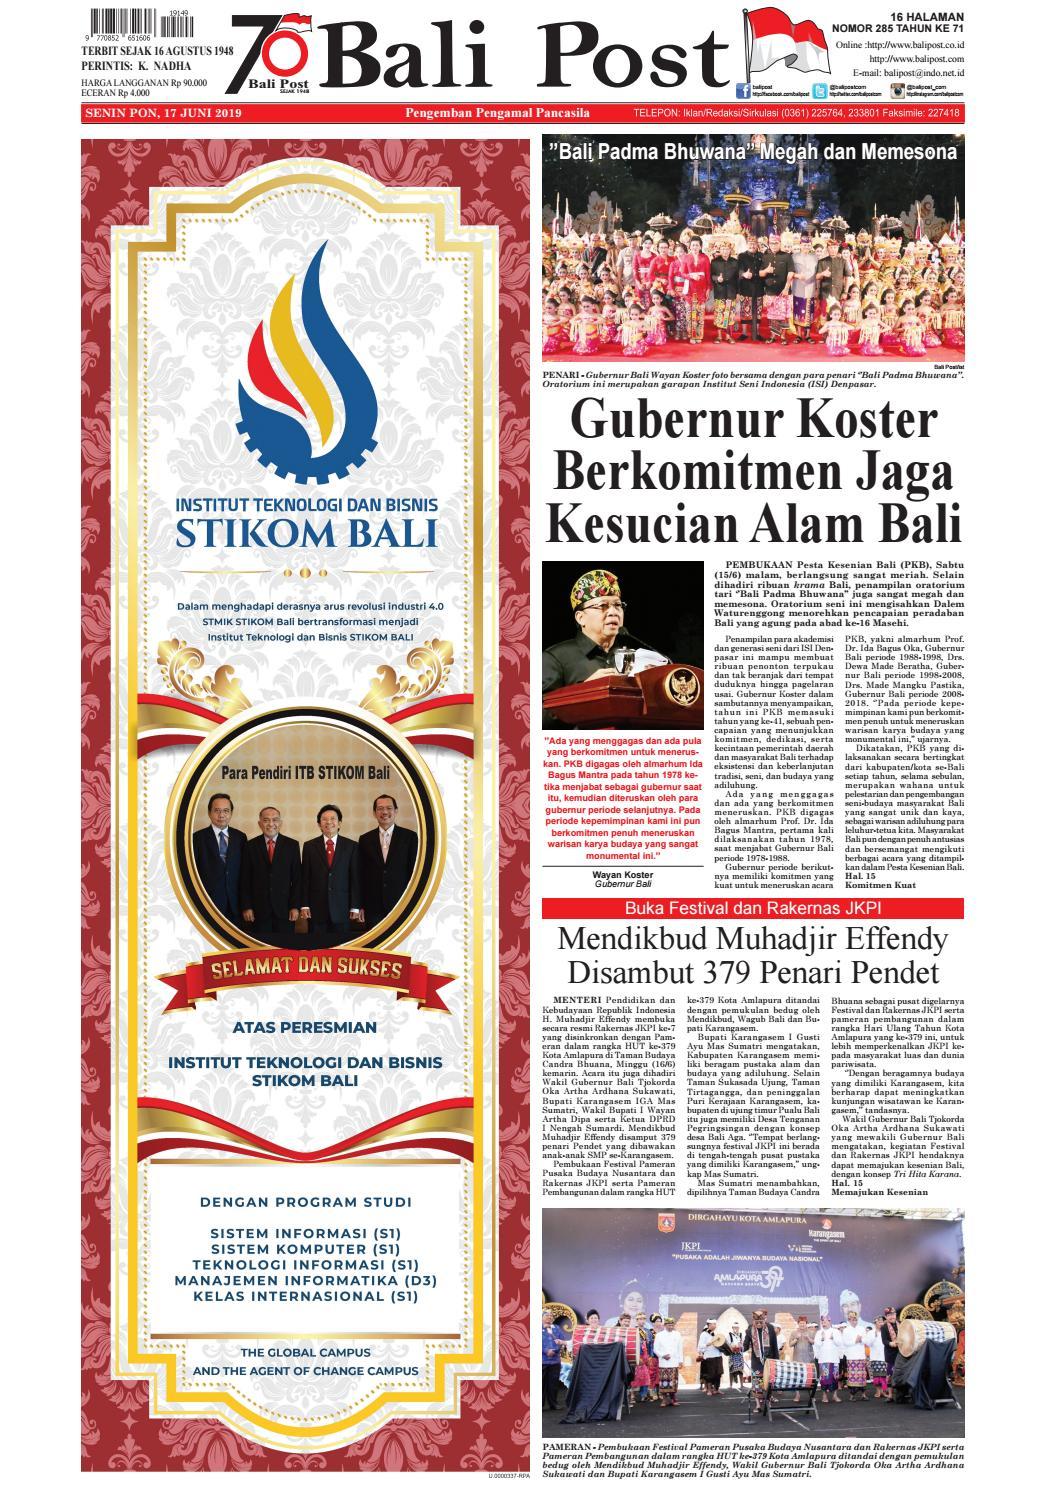 Asal tari dan jenis penampilan tari sesuai dengan gambar. Edisi Sanin 17 Juni 2019 Balipost Com By E Paper Kmb Issuu